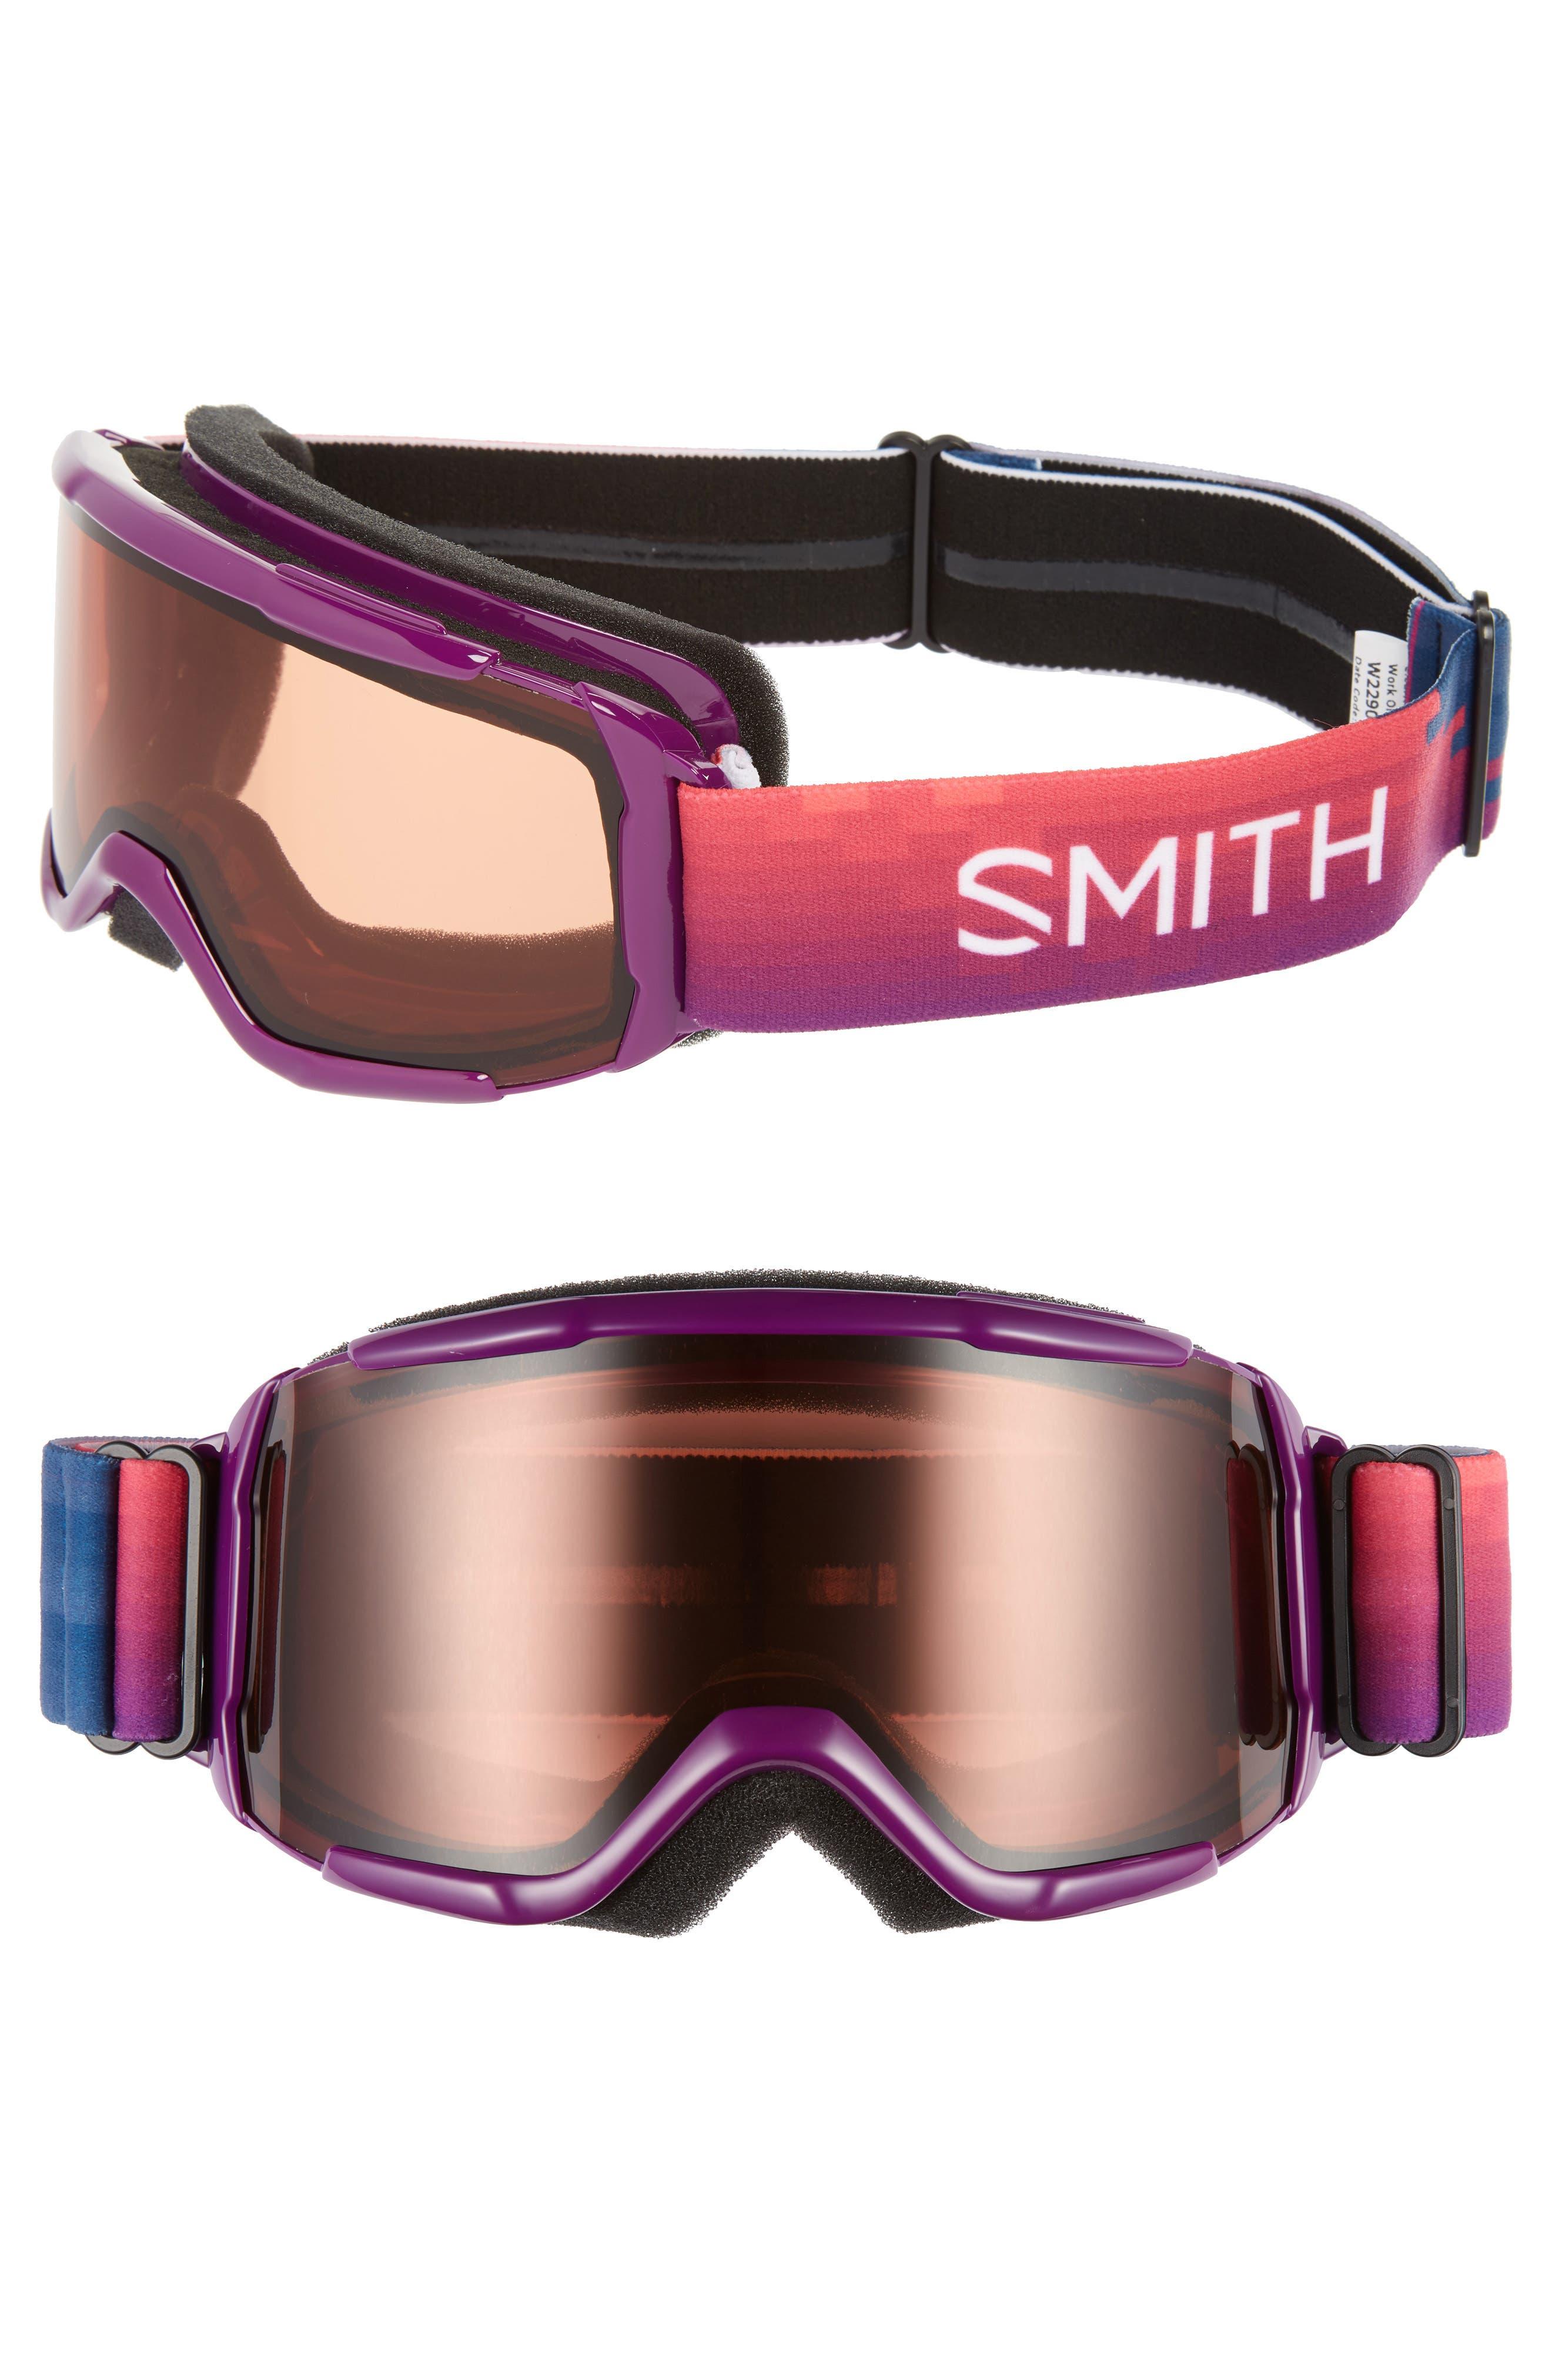 Daredevil 170mm Snow Goggles,                         Main,                         color, MONARCH RESET